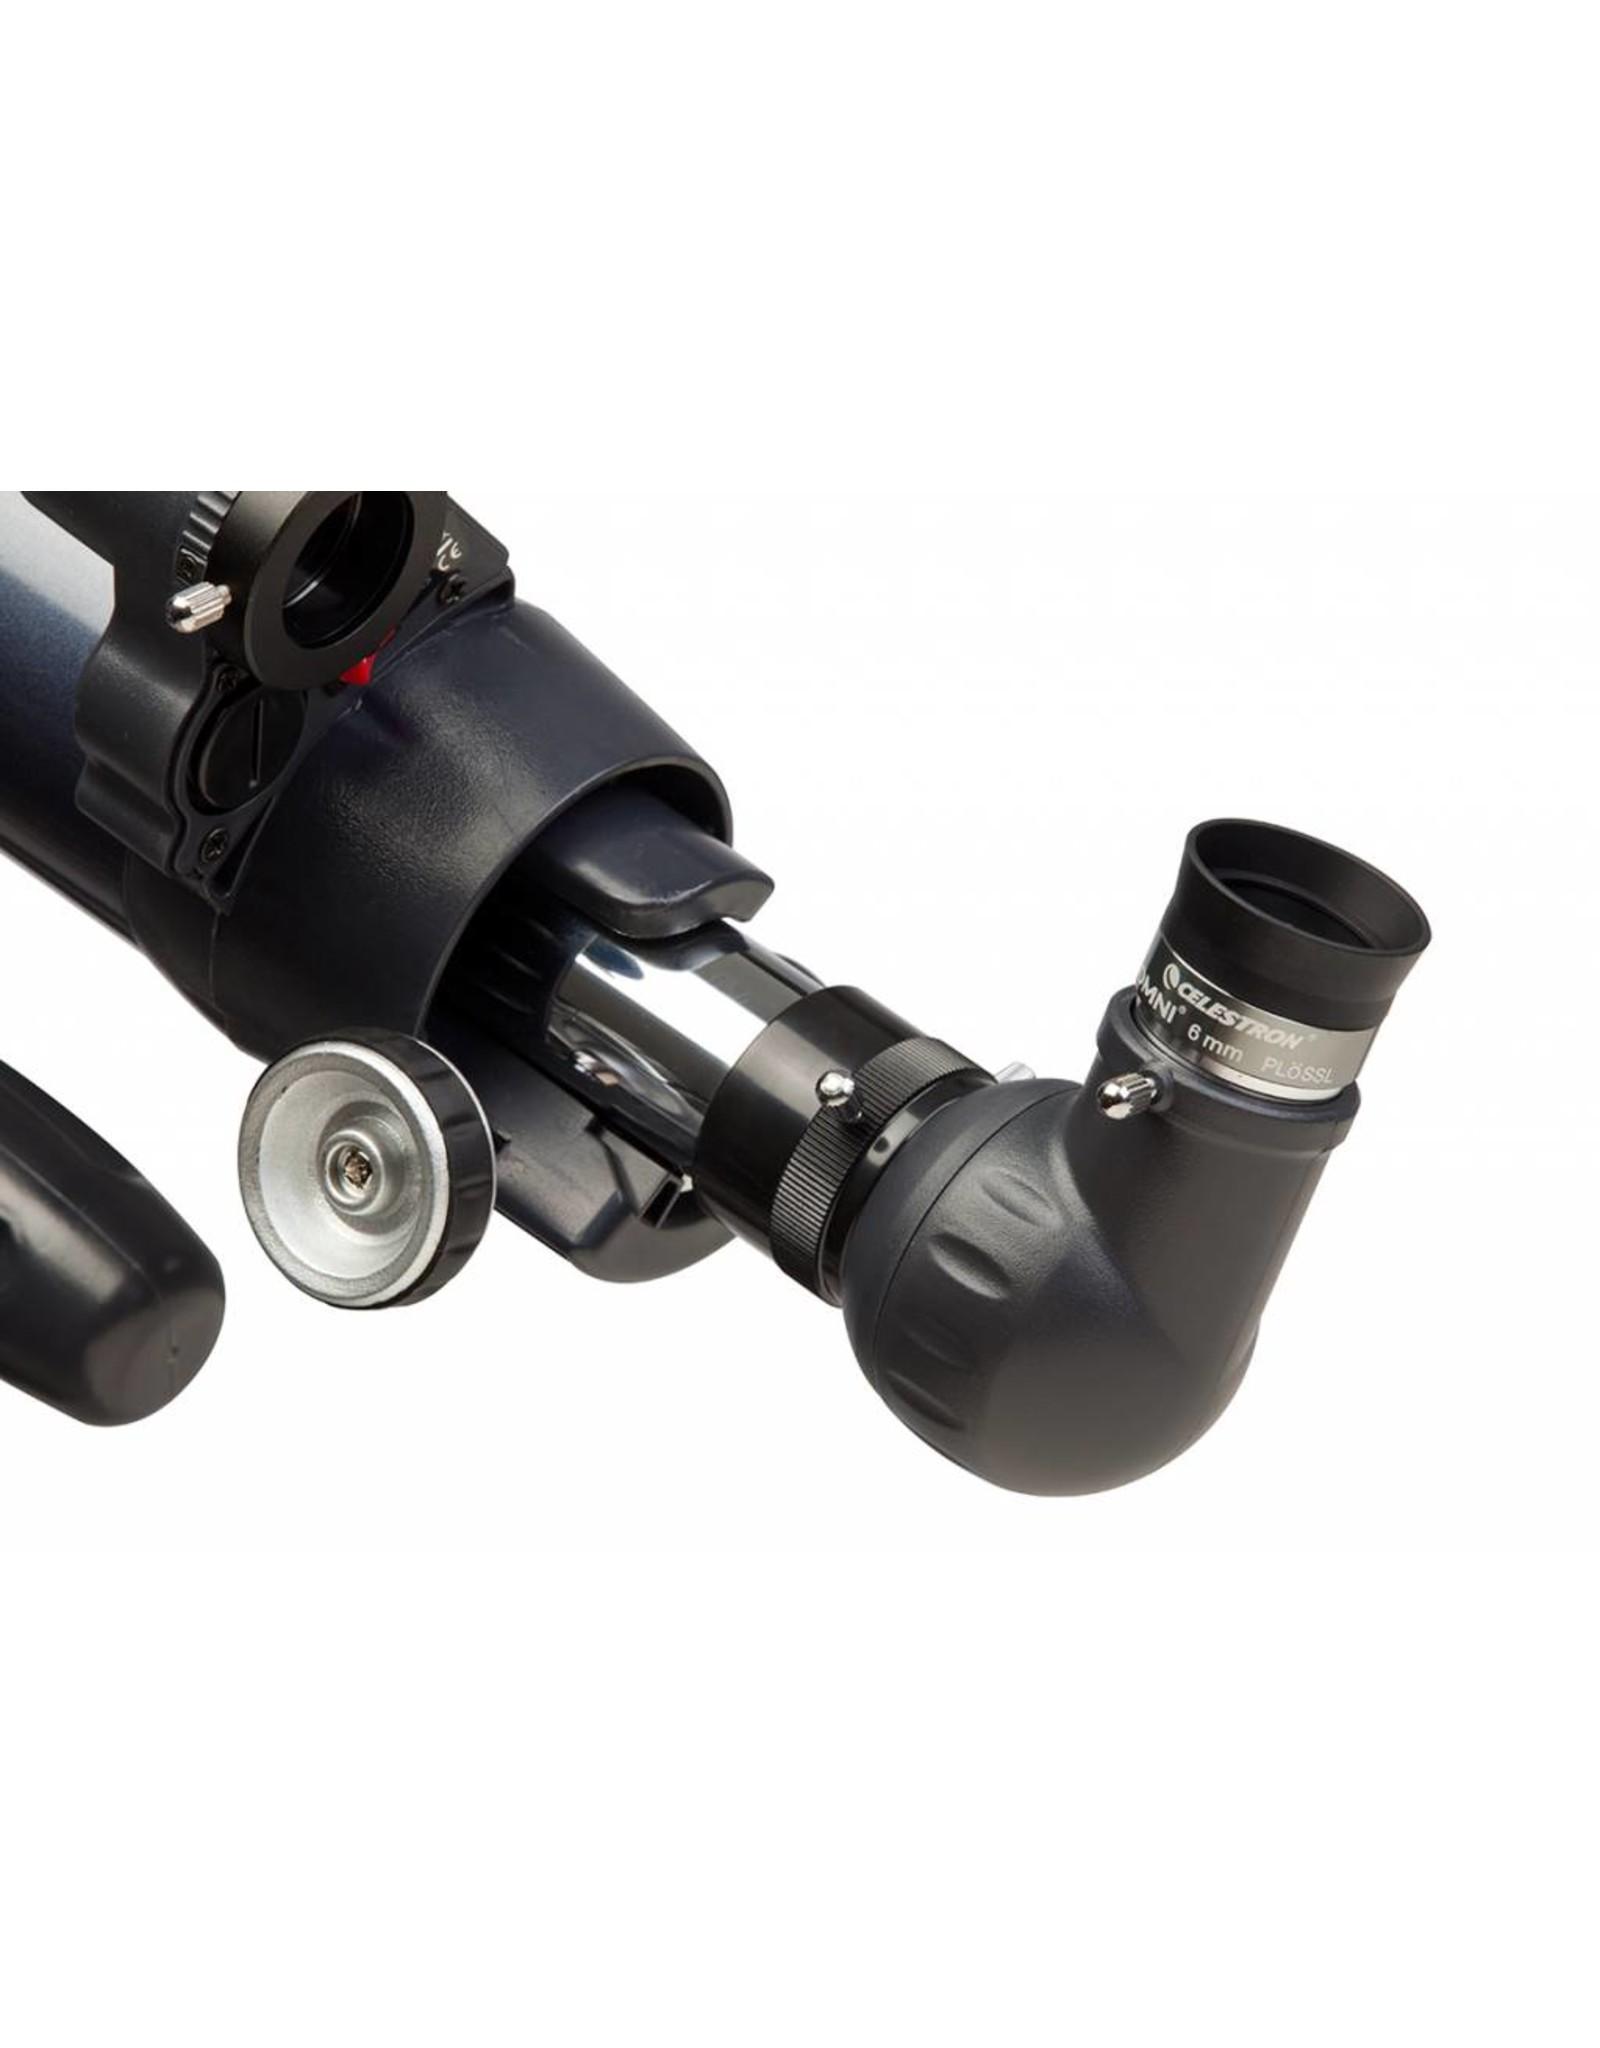 Celestron Celestron Omni Series 1.25 in - 6mm